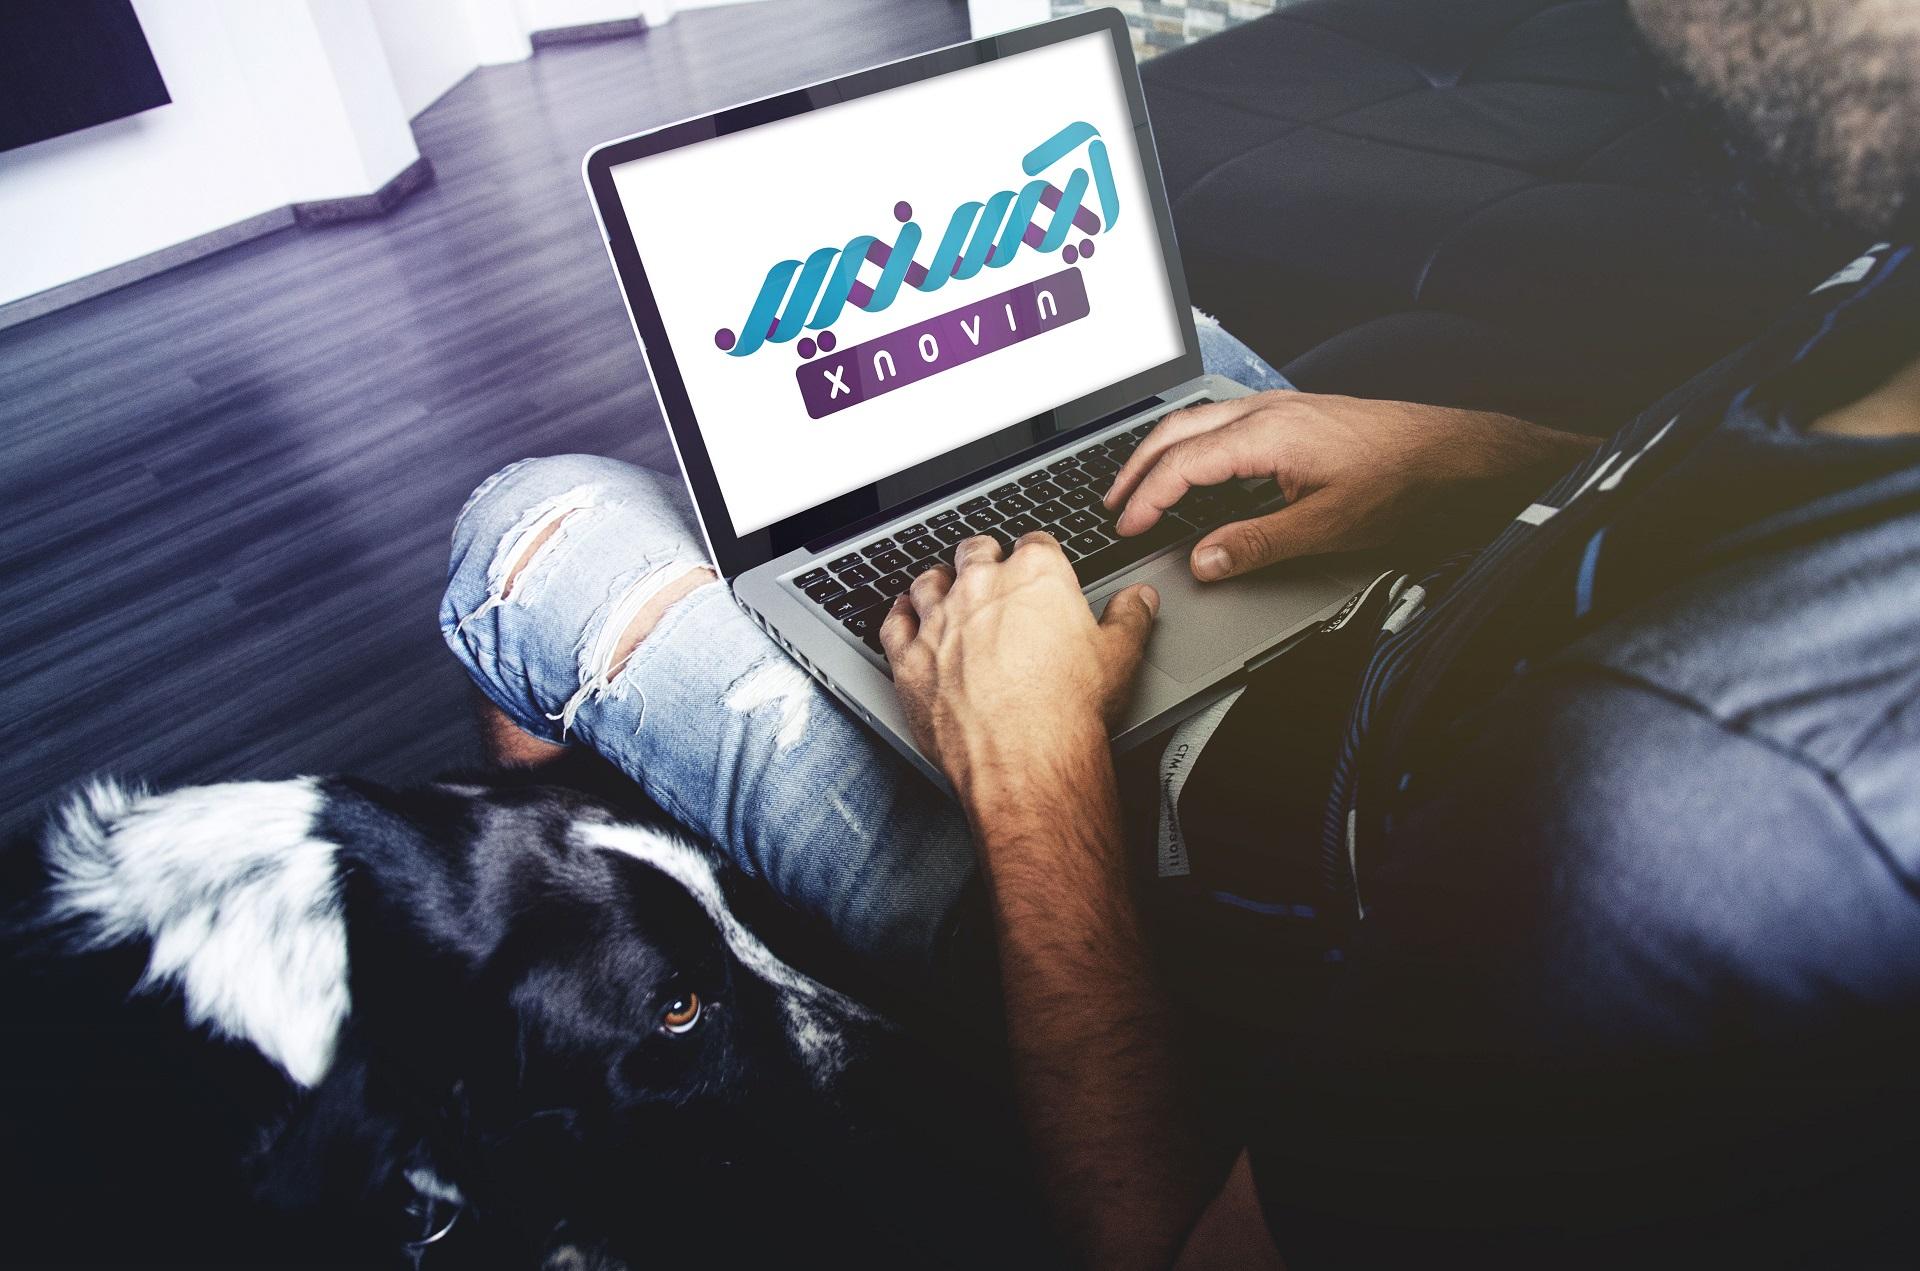 گروه طراحی و توسعه ایکس نوین | طراحی سایت - تبلیغات اینترنتی - خدمات سئو - تولید محتوا - طراحی گرافیکی